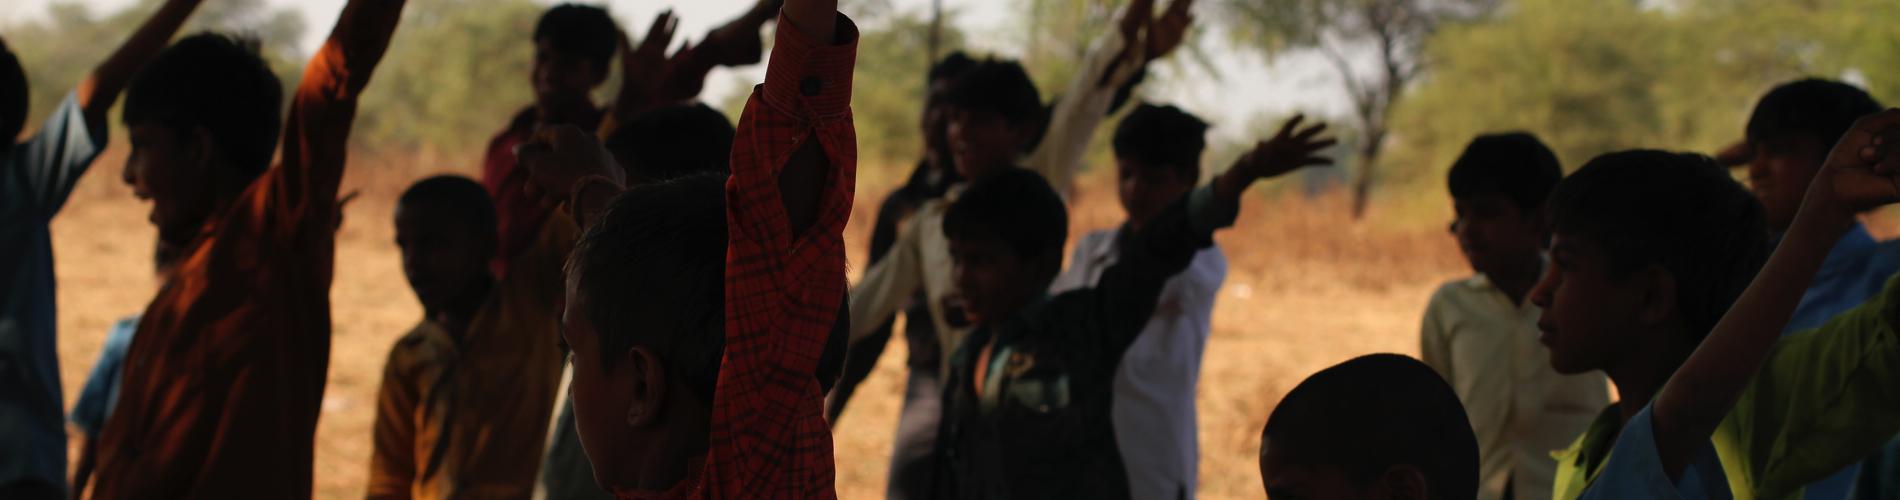 Narmada_kids2